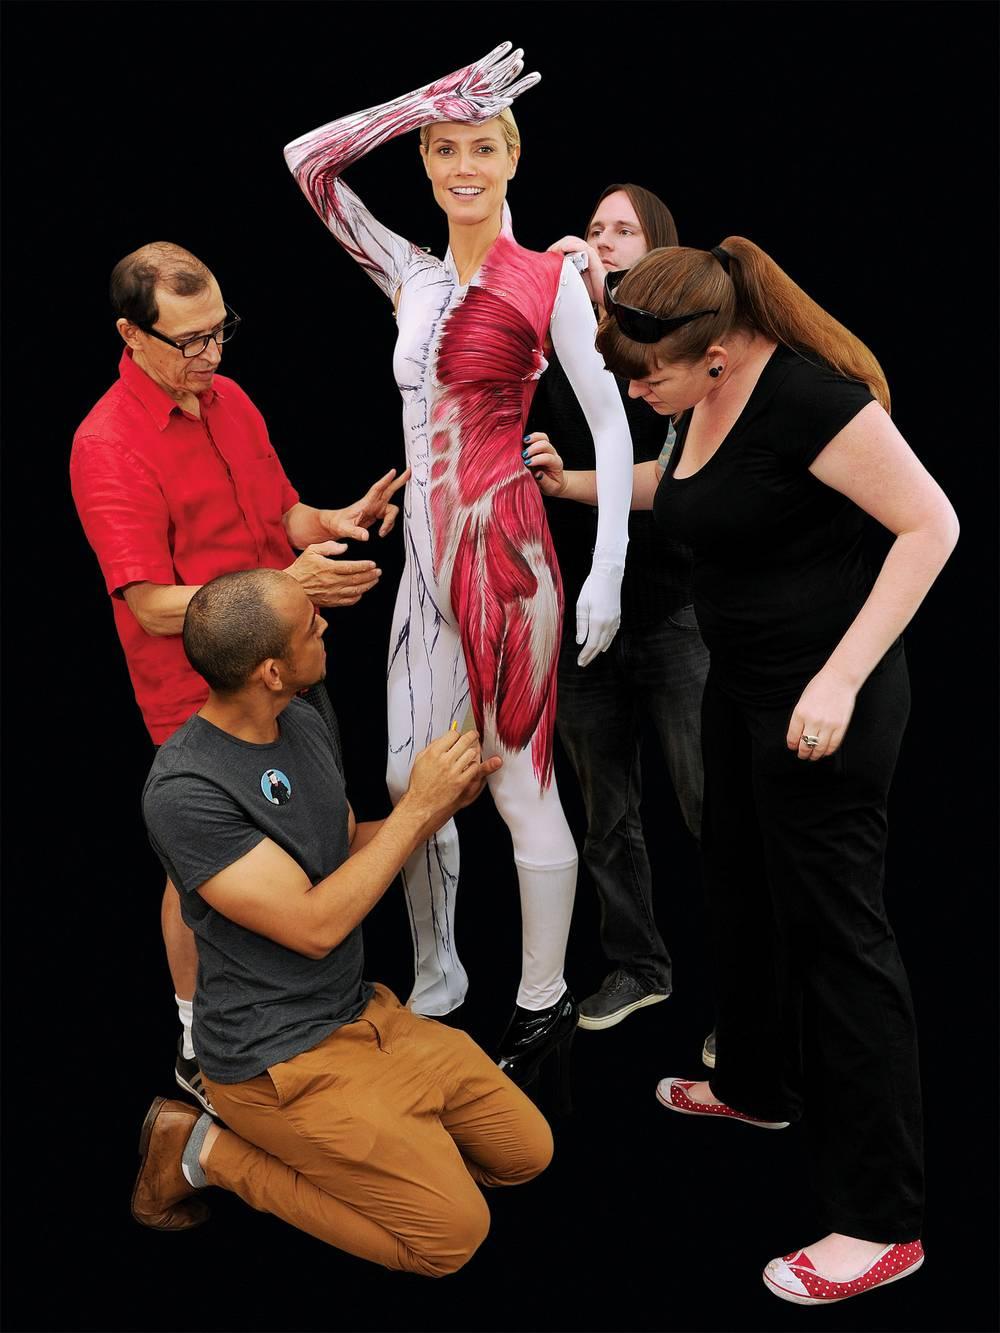 Heidi Klum's 2011 Halloween costume revealed! - Las Vegas Weekly